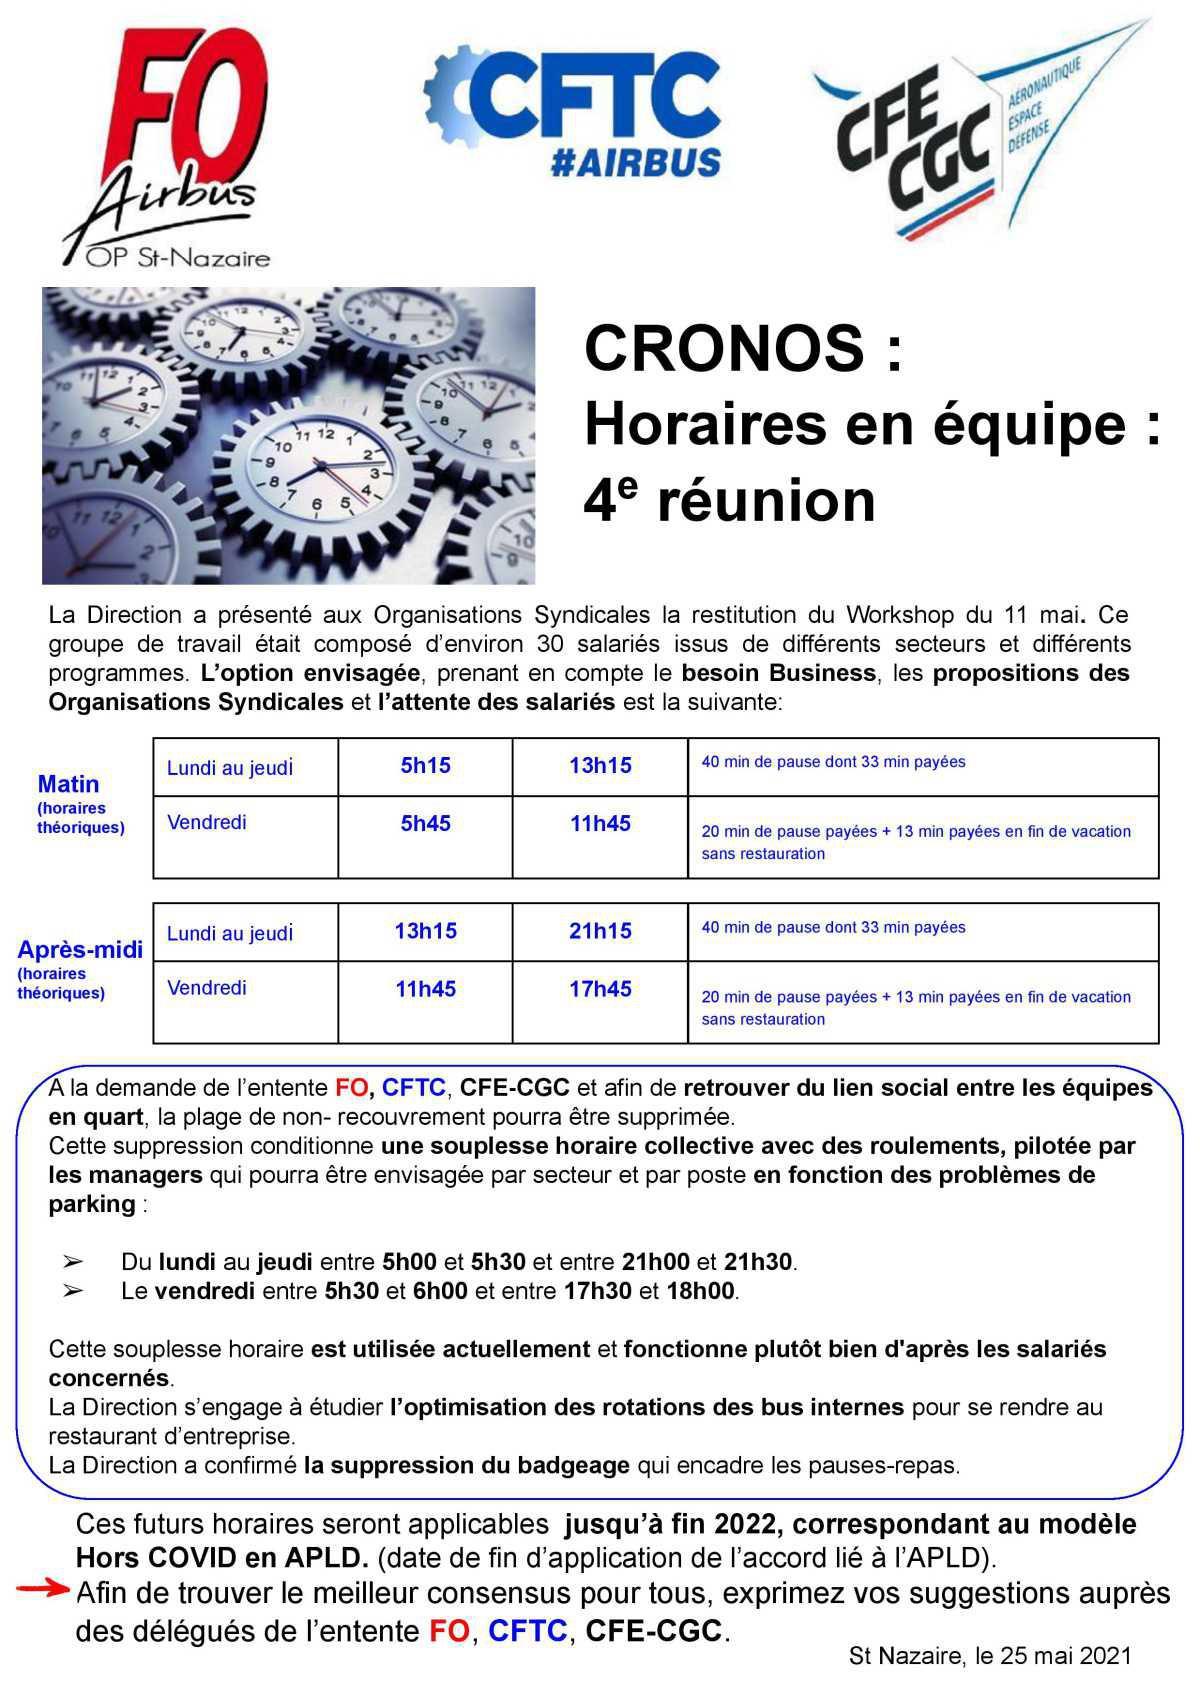 CRONOS : Horaires en équipe - 4ème réunion